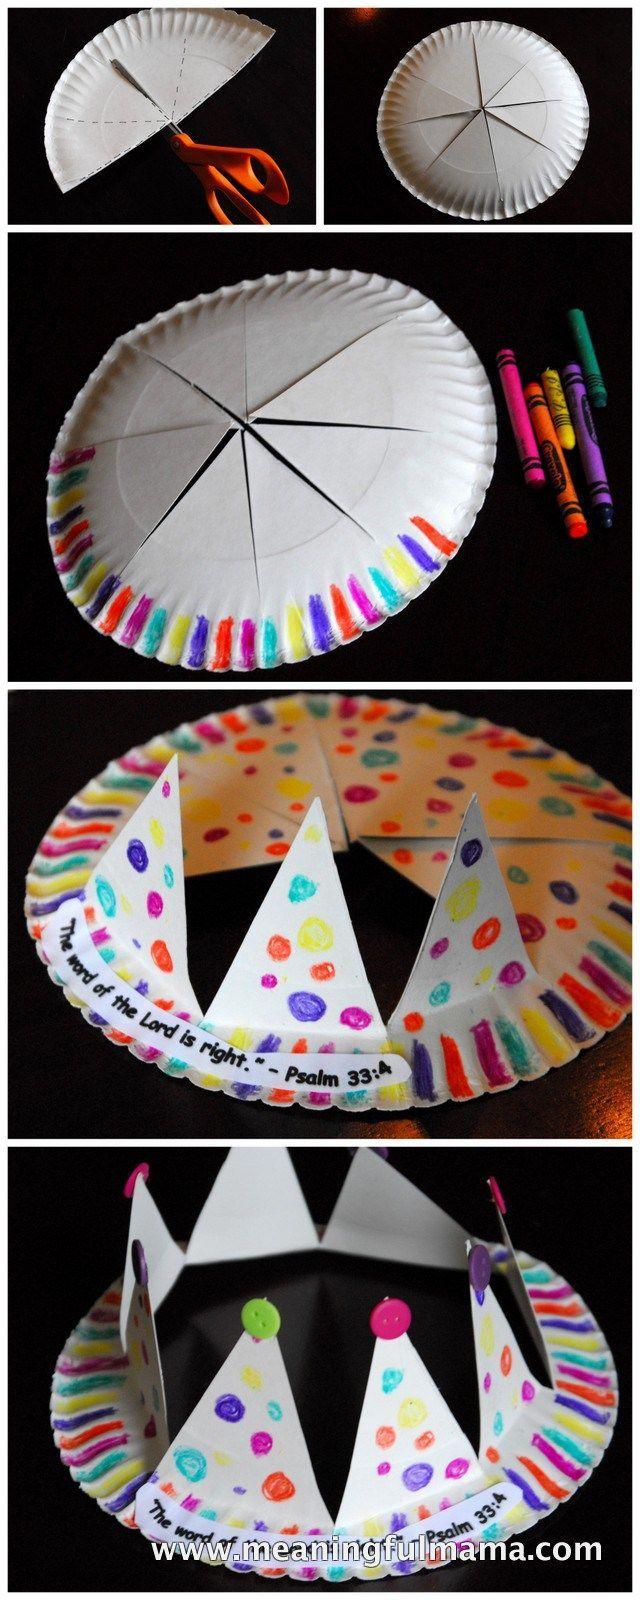 Make a paper crown